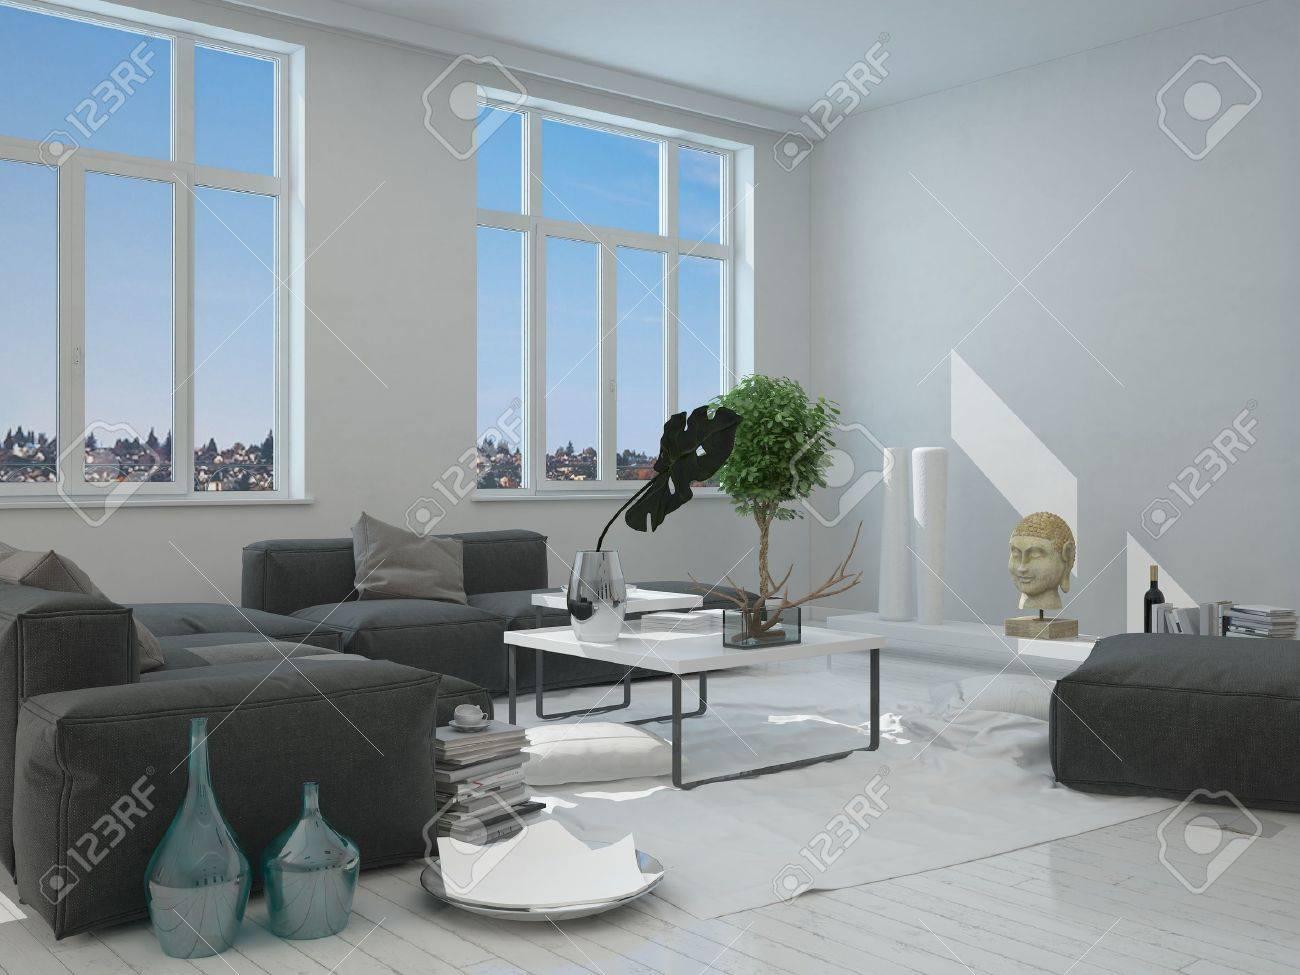 Close Up Gris Et Blanc Salon Meubles Intérieur D\'une Maison Moderne ...